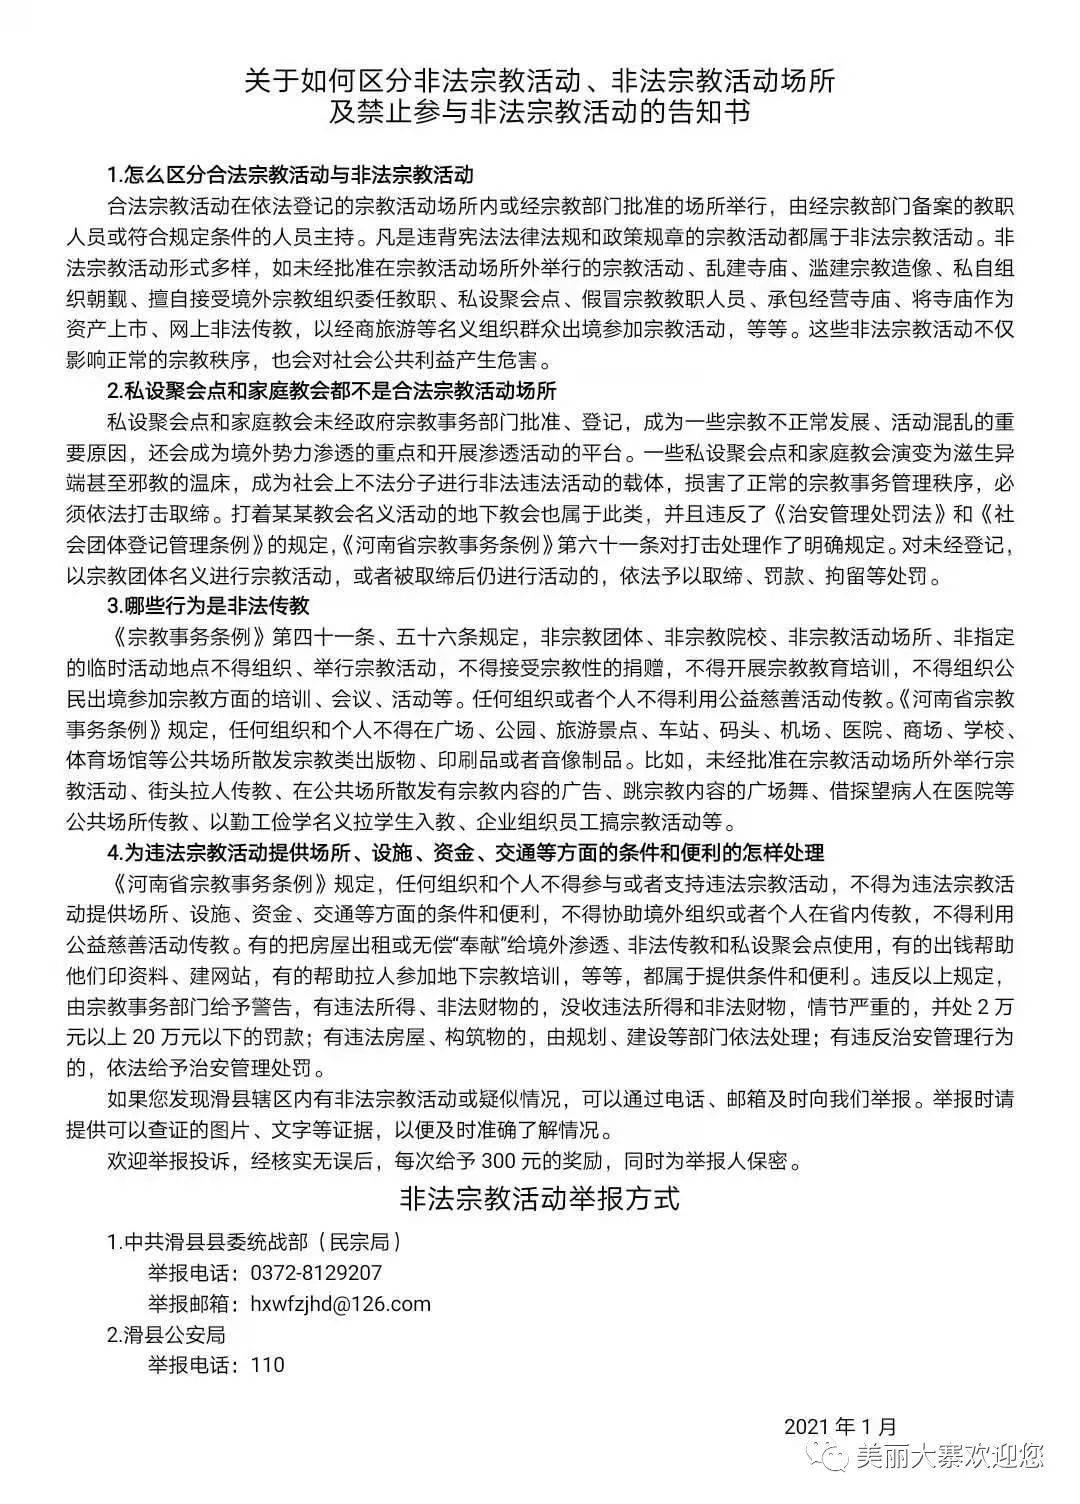 大寨乡娄草坡人口登记表_常住人口登记表